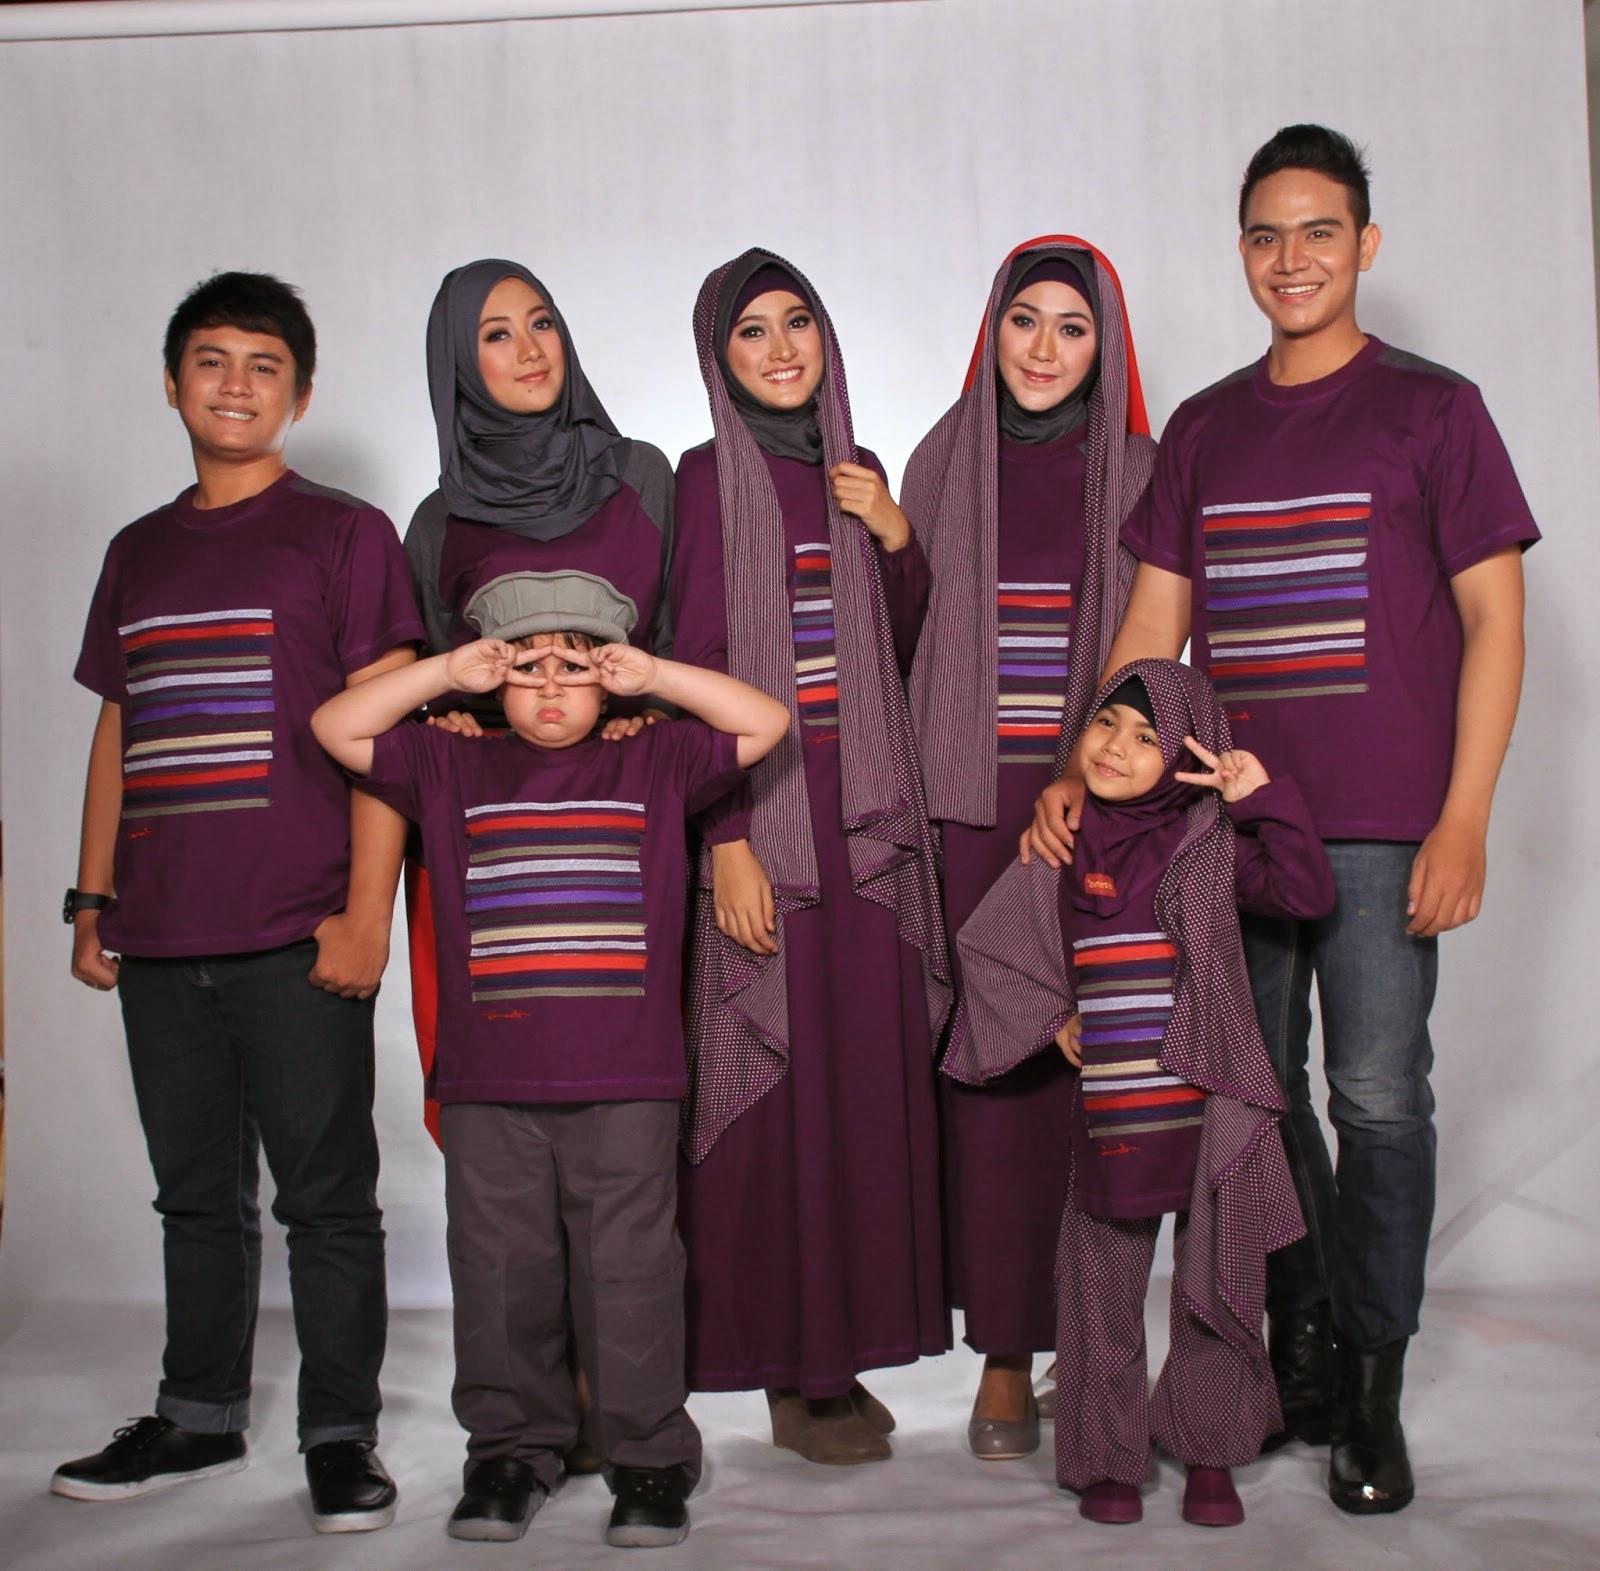 Inspirasi Baju Lebaran Anak Laki 2018 Mndw Model Baju Keluarga Untuk Hari Raya Lebaran 2018